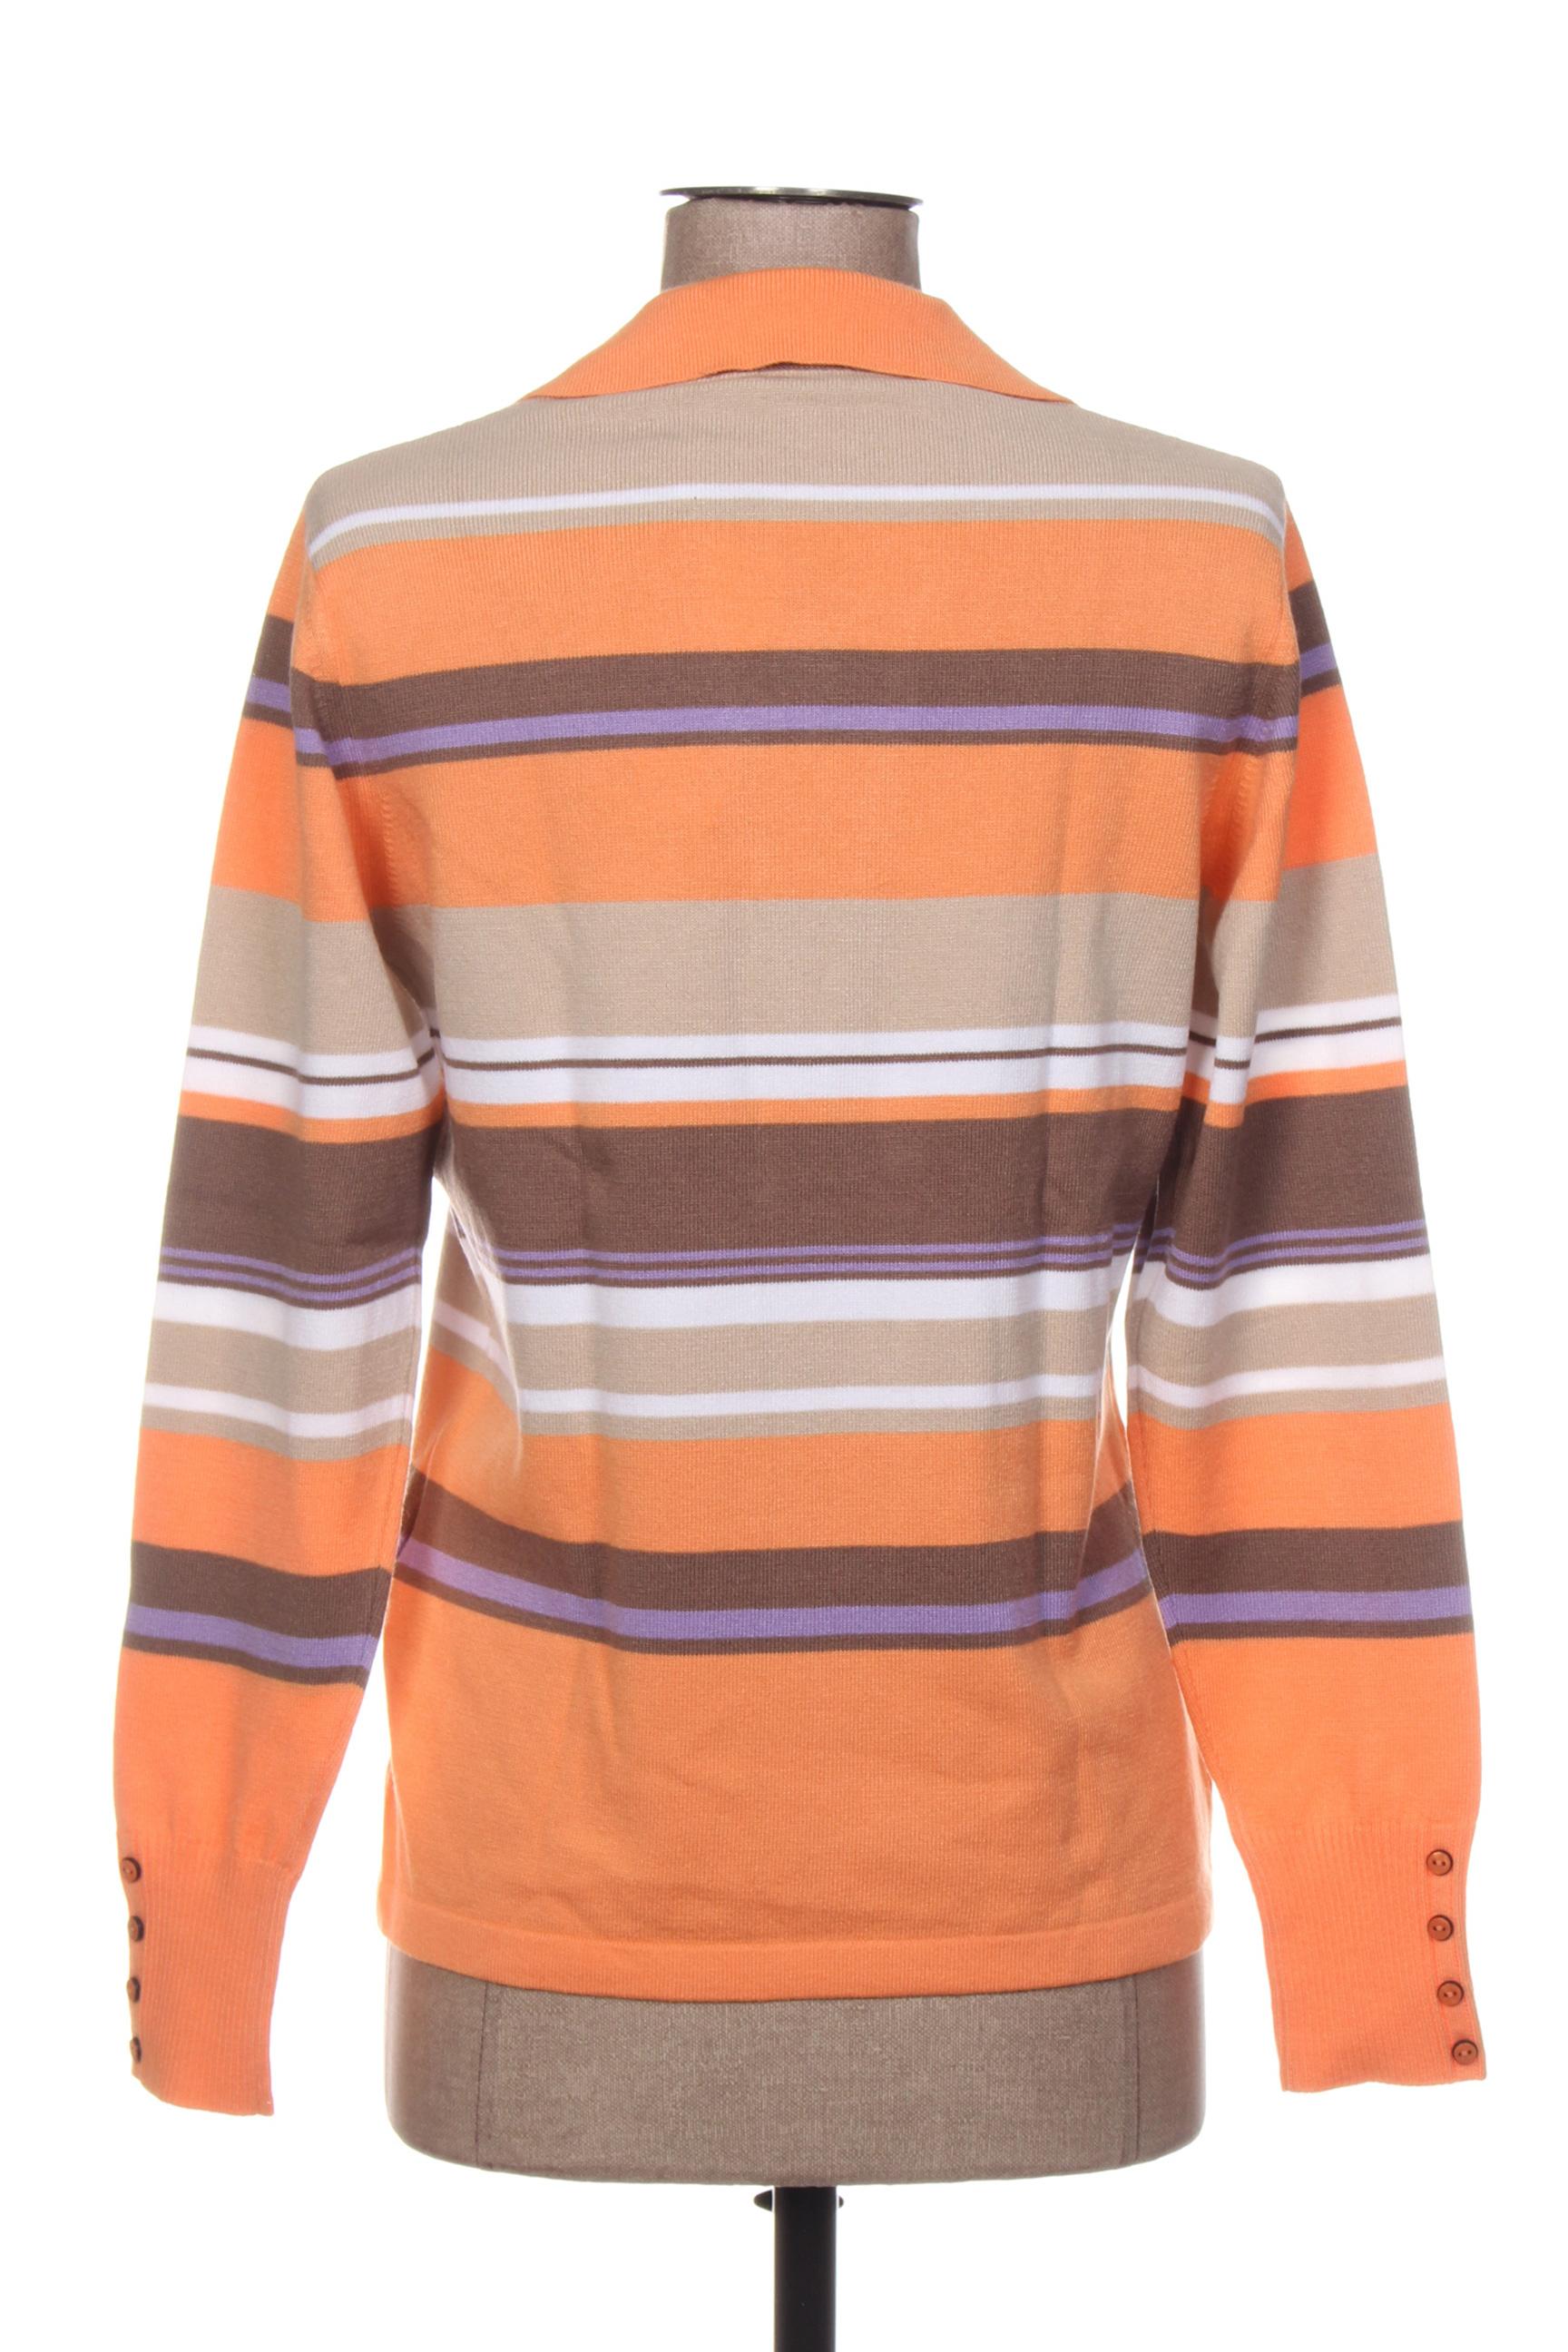 Rabe Encolure Carree Femme De Couleur Orange En Soldes Pas Cher 1407131-orange